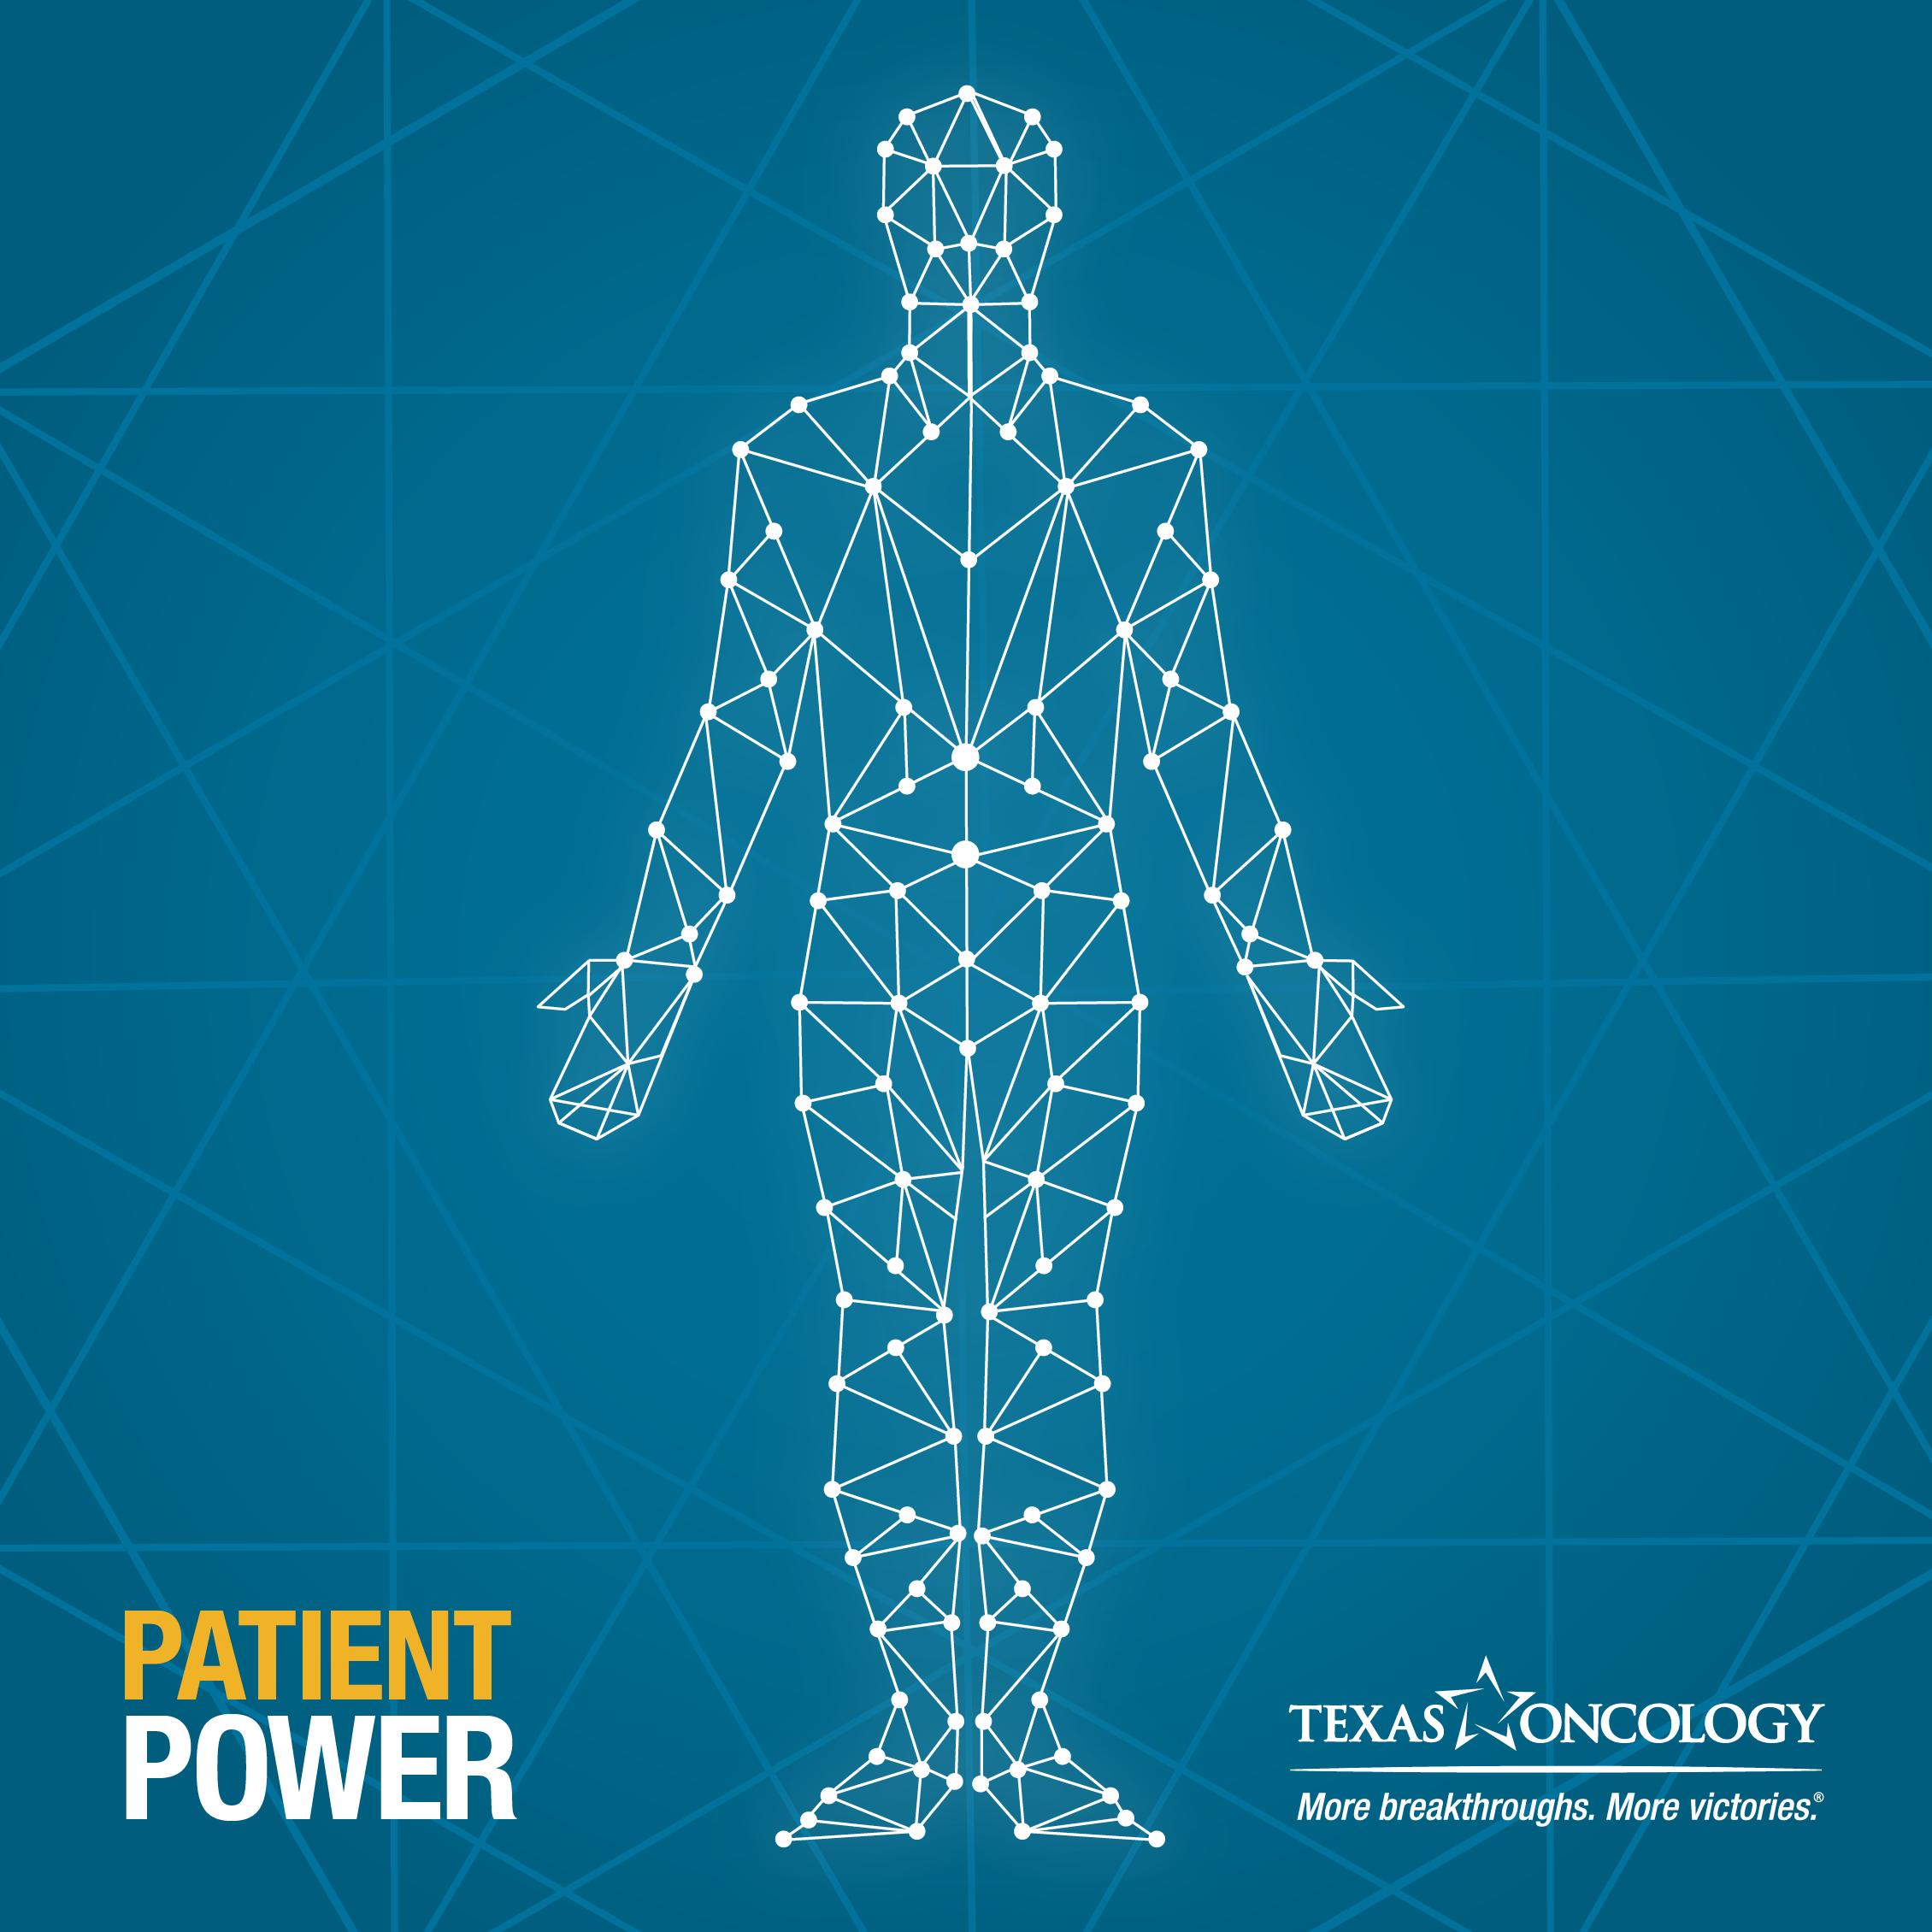 TXO_2018Trends_PatientPower.png